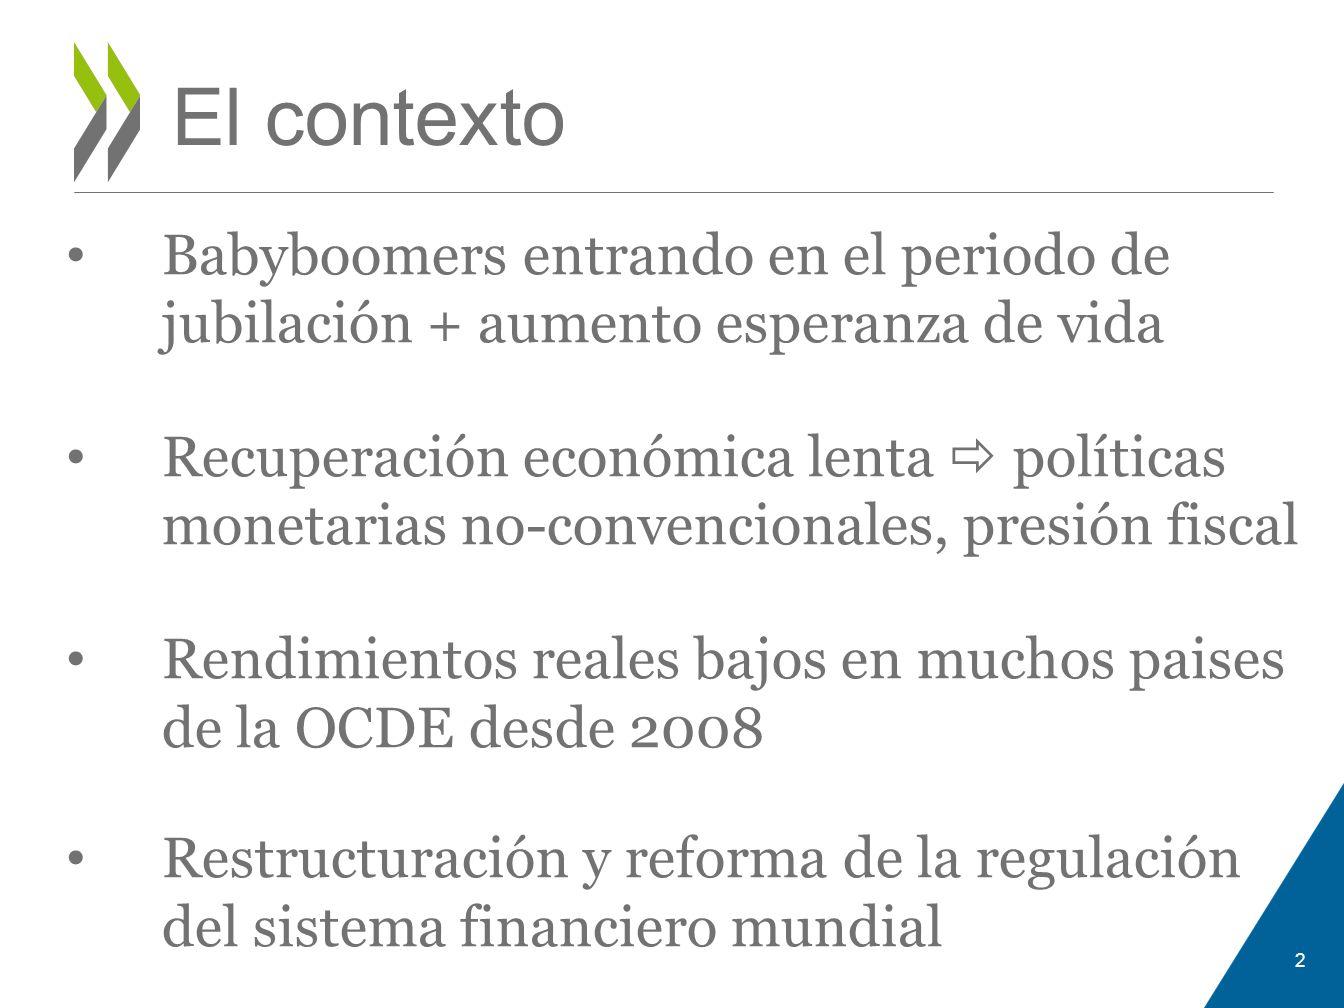 Babyboomers entrando en el periodo de jubilación + aumento esperanza de vida Recuperación económica lenta políticas monetarias no-convencionales, pres